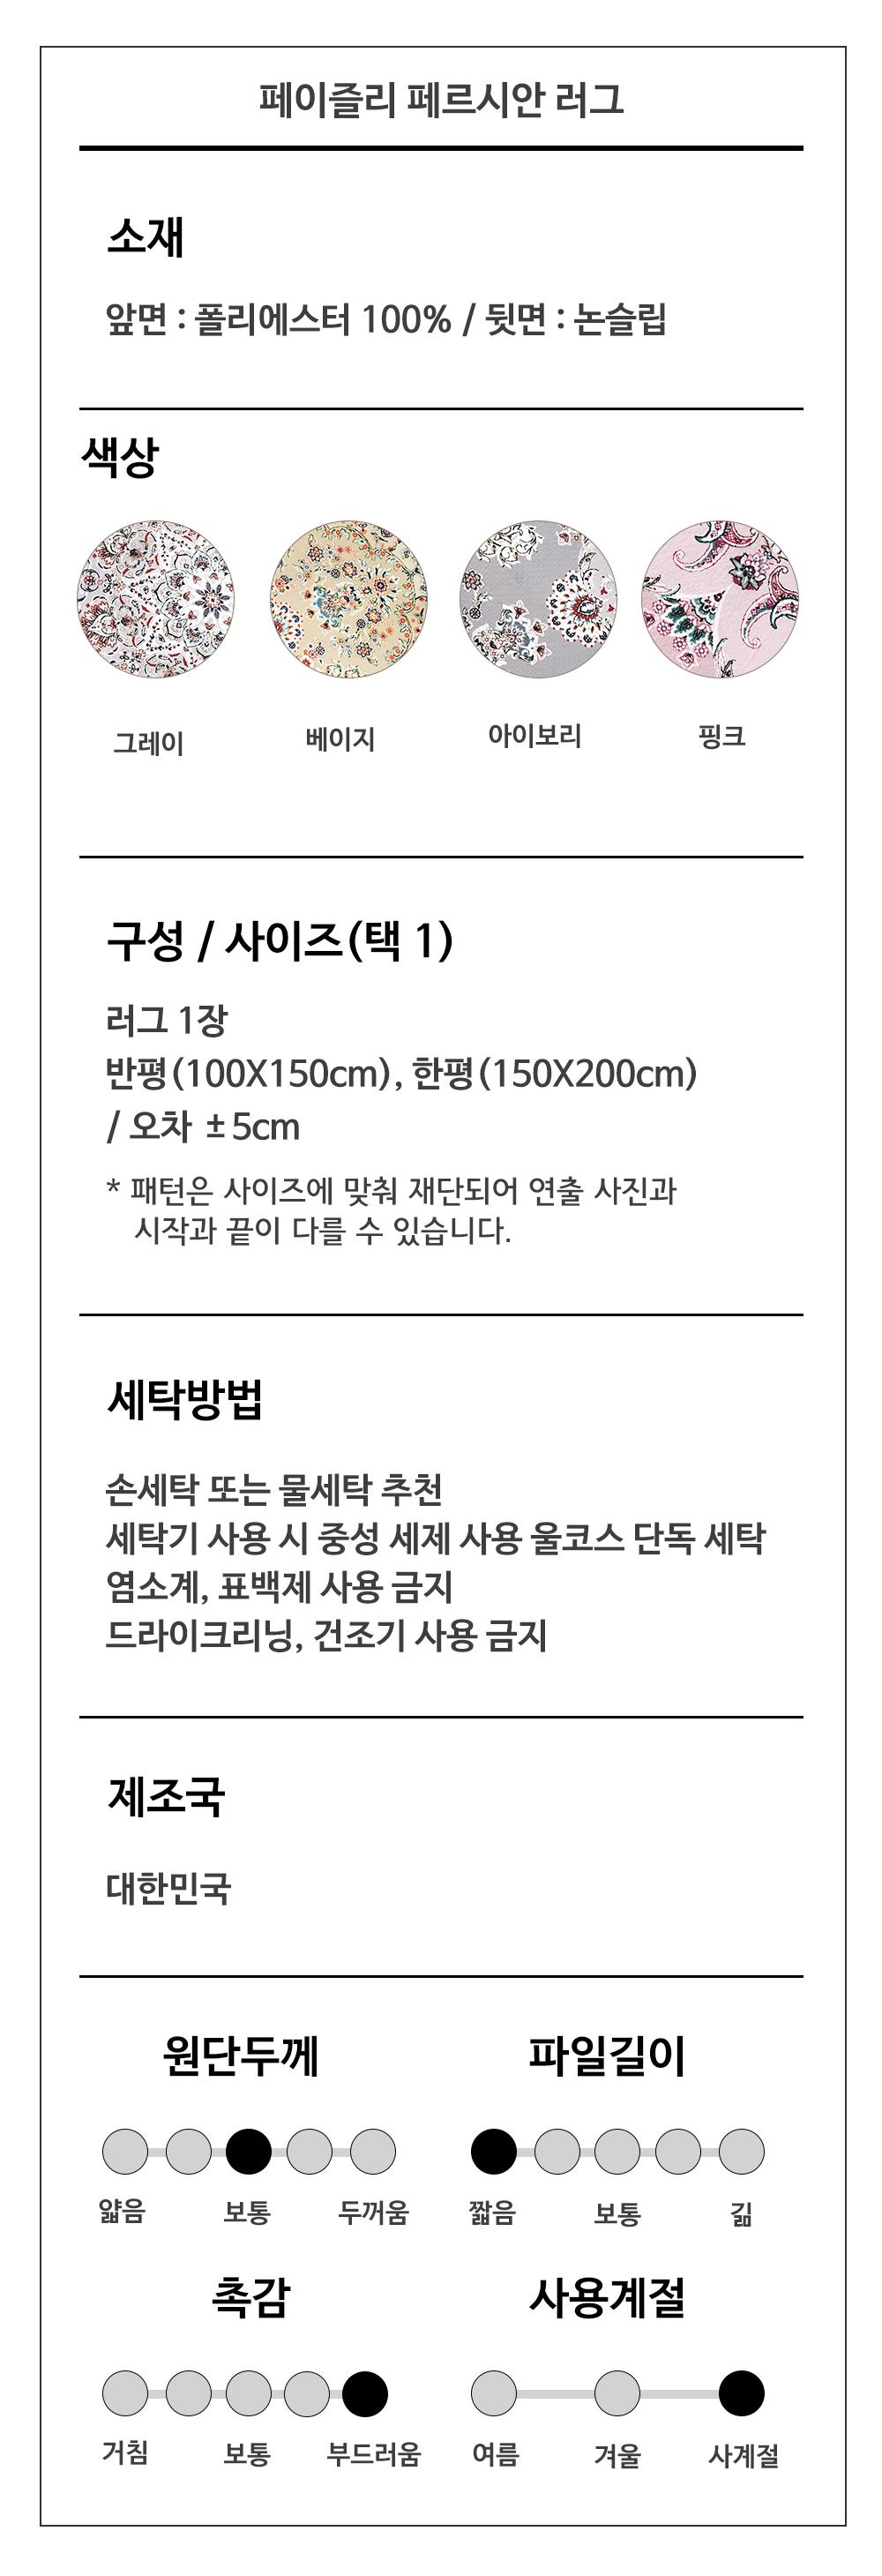 페르시안카페트 단모러그 양탄자 모음 4종 150X200cm - 리빙몽드, 69,900원, 디자인러그, 극세사 카페트